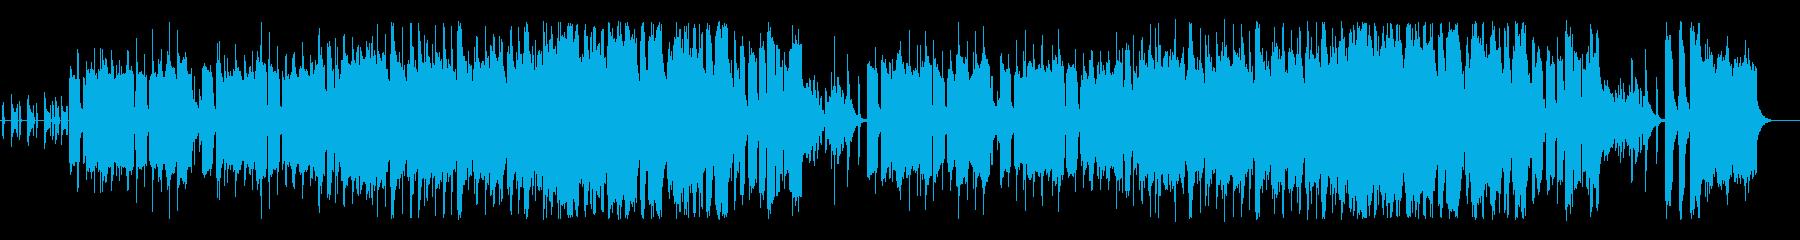 ゆったりしたほのぼの系BGMの再生済みの波形